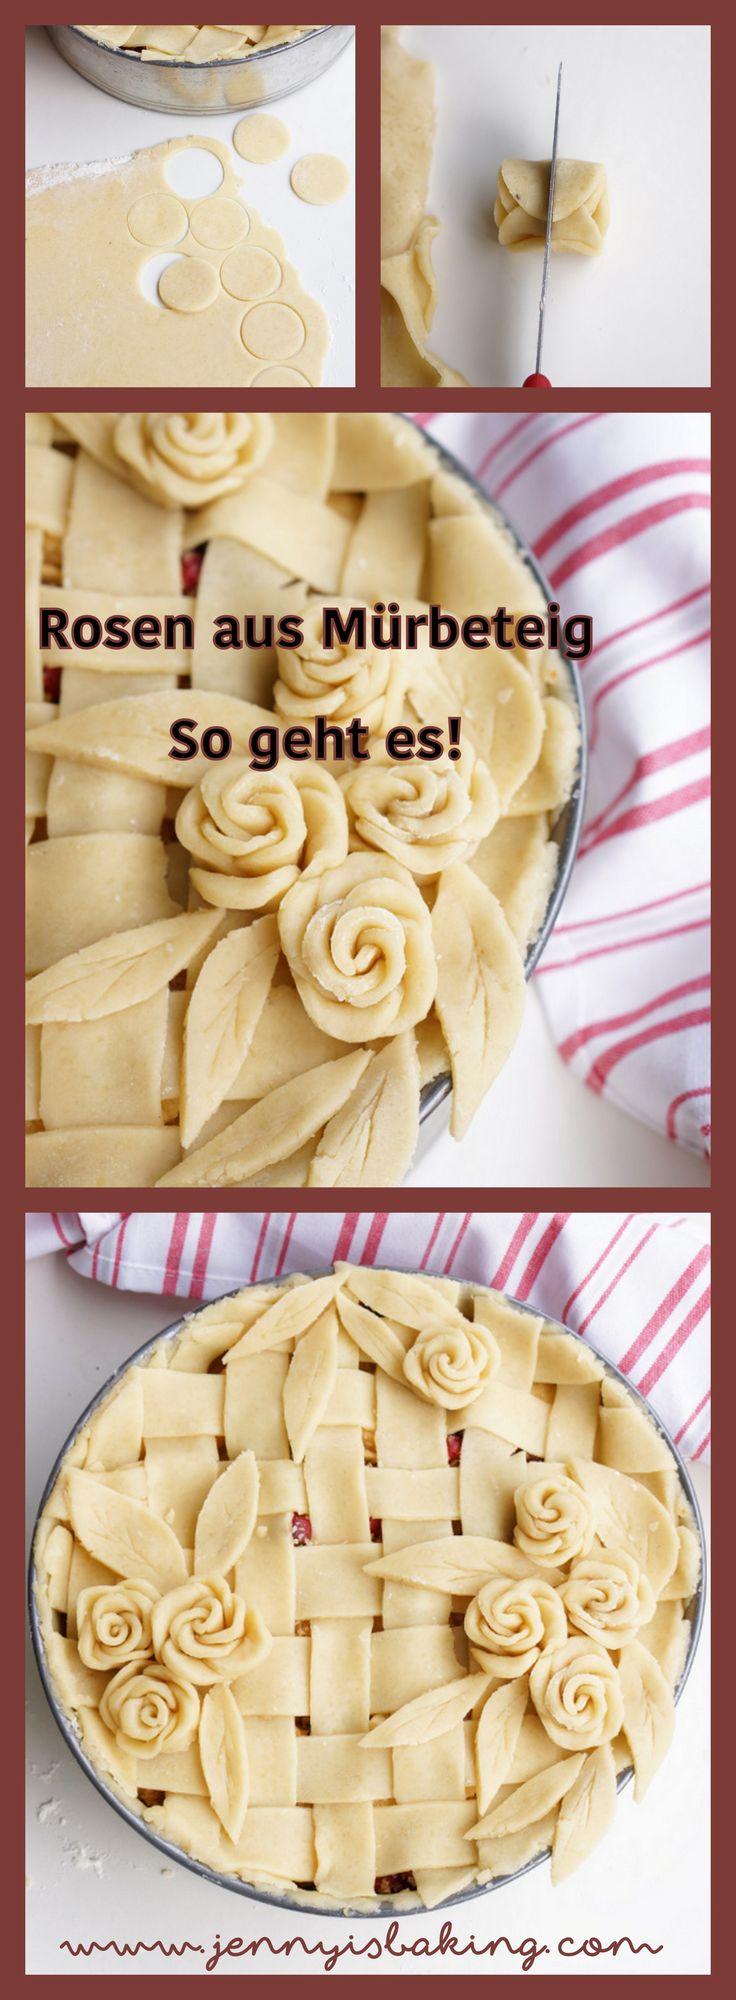 Wie man Rosen aus Mürbeteig macht #mürbeteig #rosen #rosenausteig #wiemachtman #pie